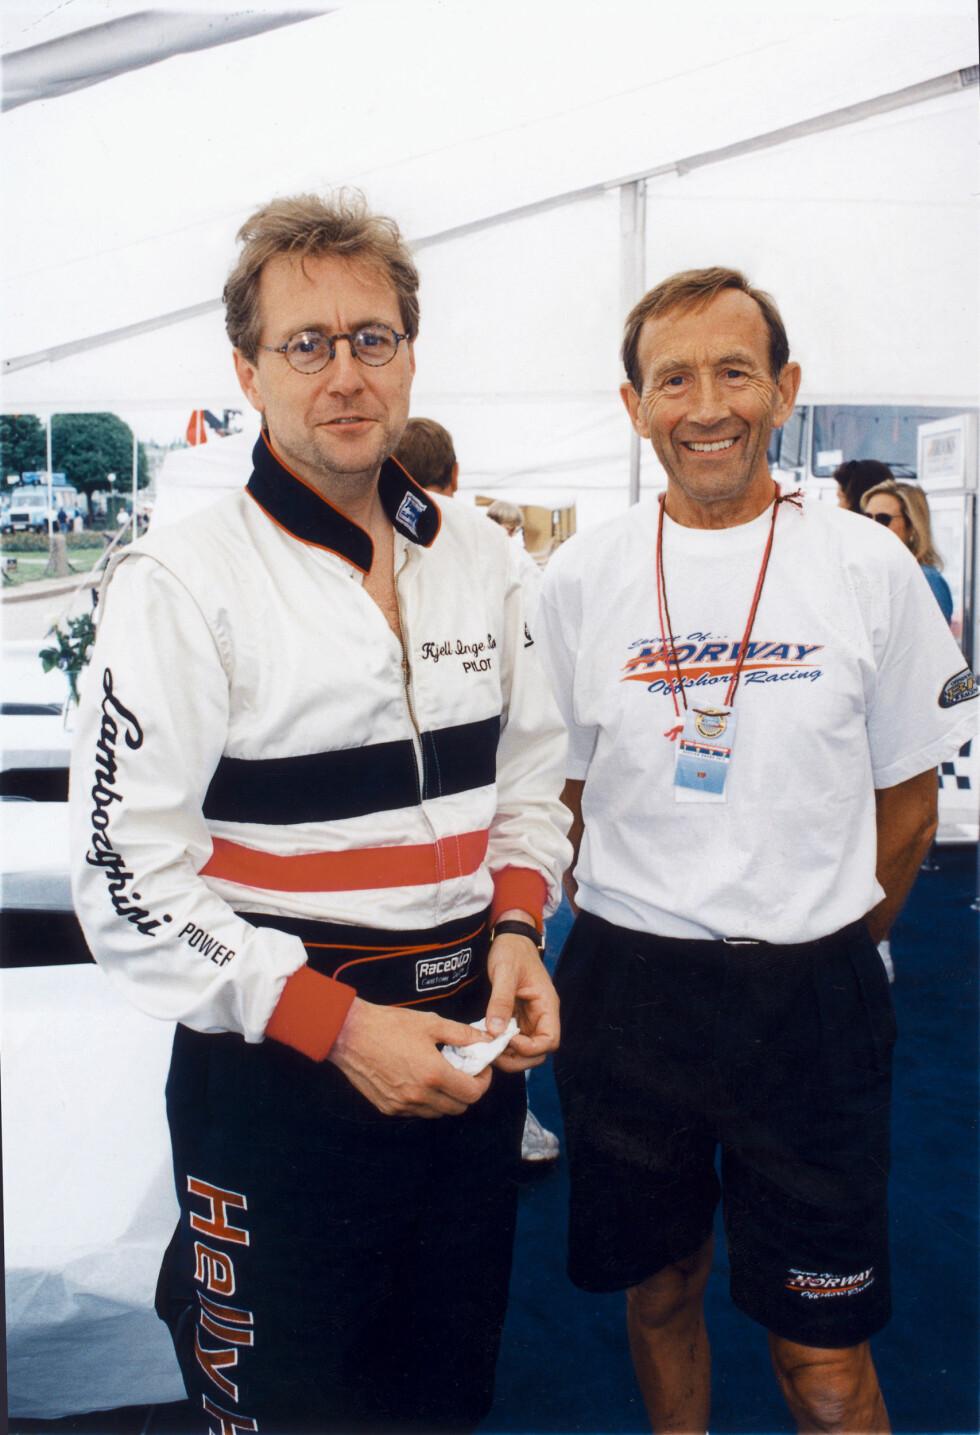 STØTTESTPILLER: Her er Normann og Kjell Inge Røkke sammen i forbindelse med Røkkes karriere som offshore-kjører. Foto: Se og Hør